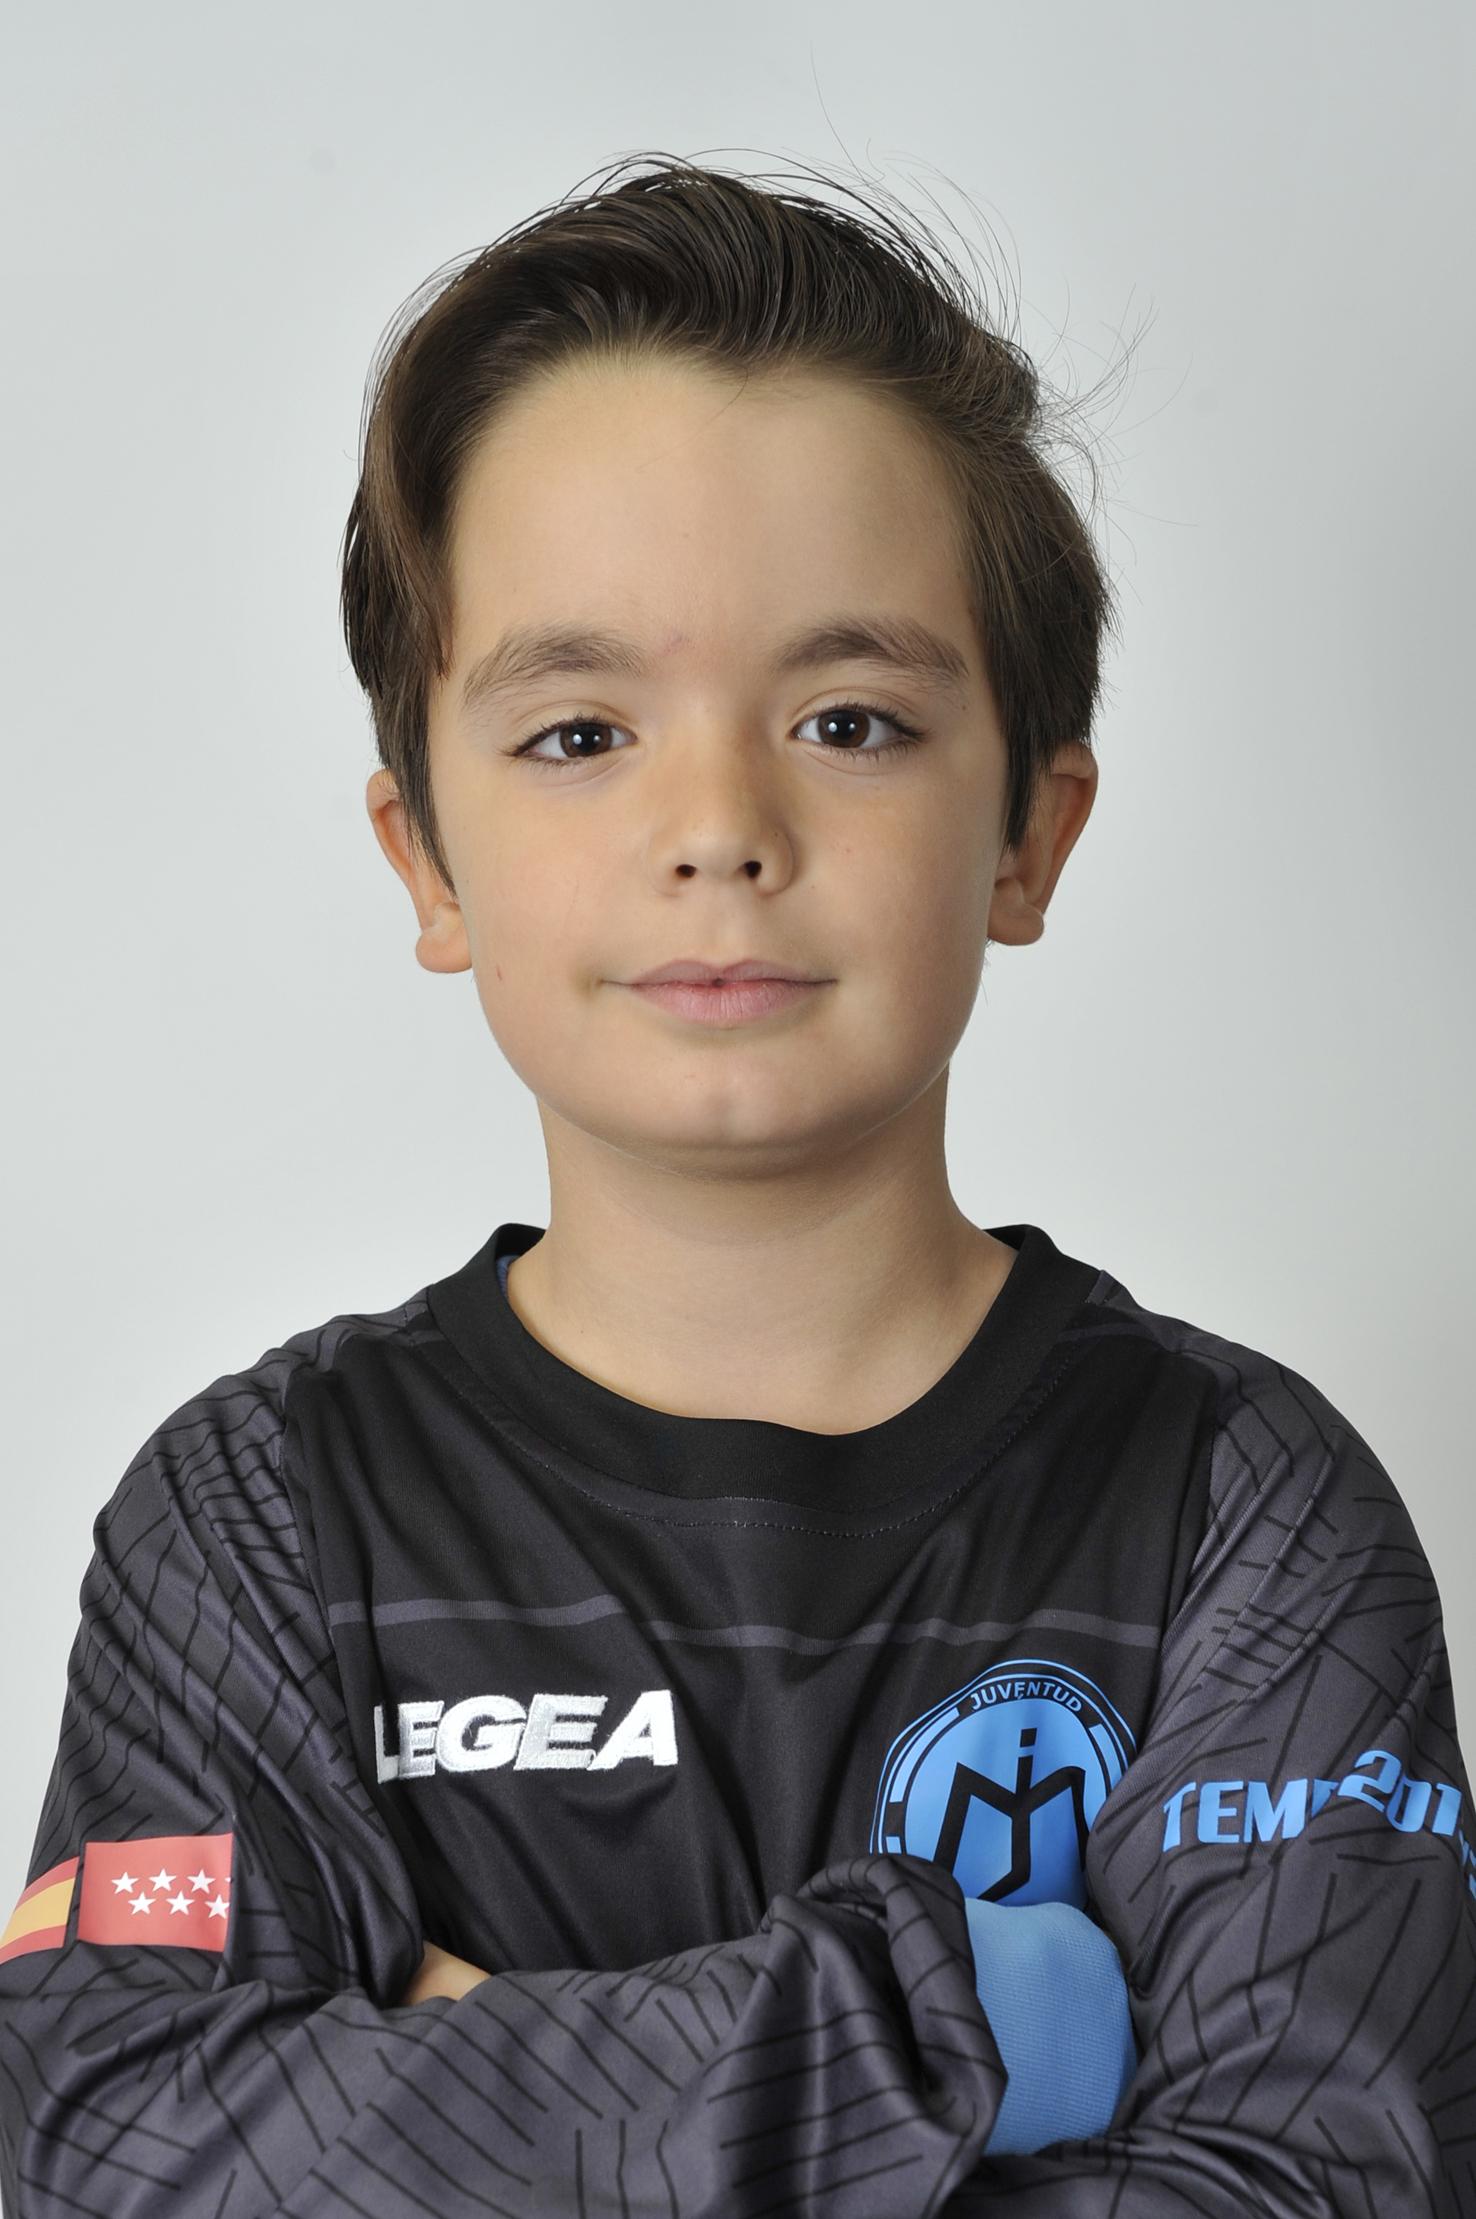 IZAN PORTERO